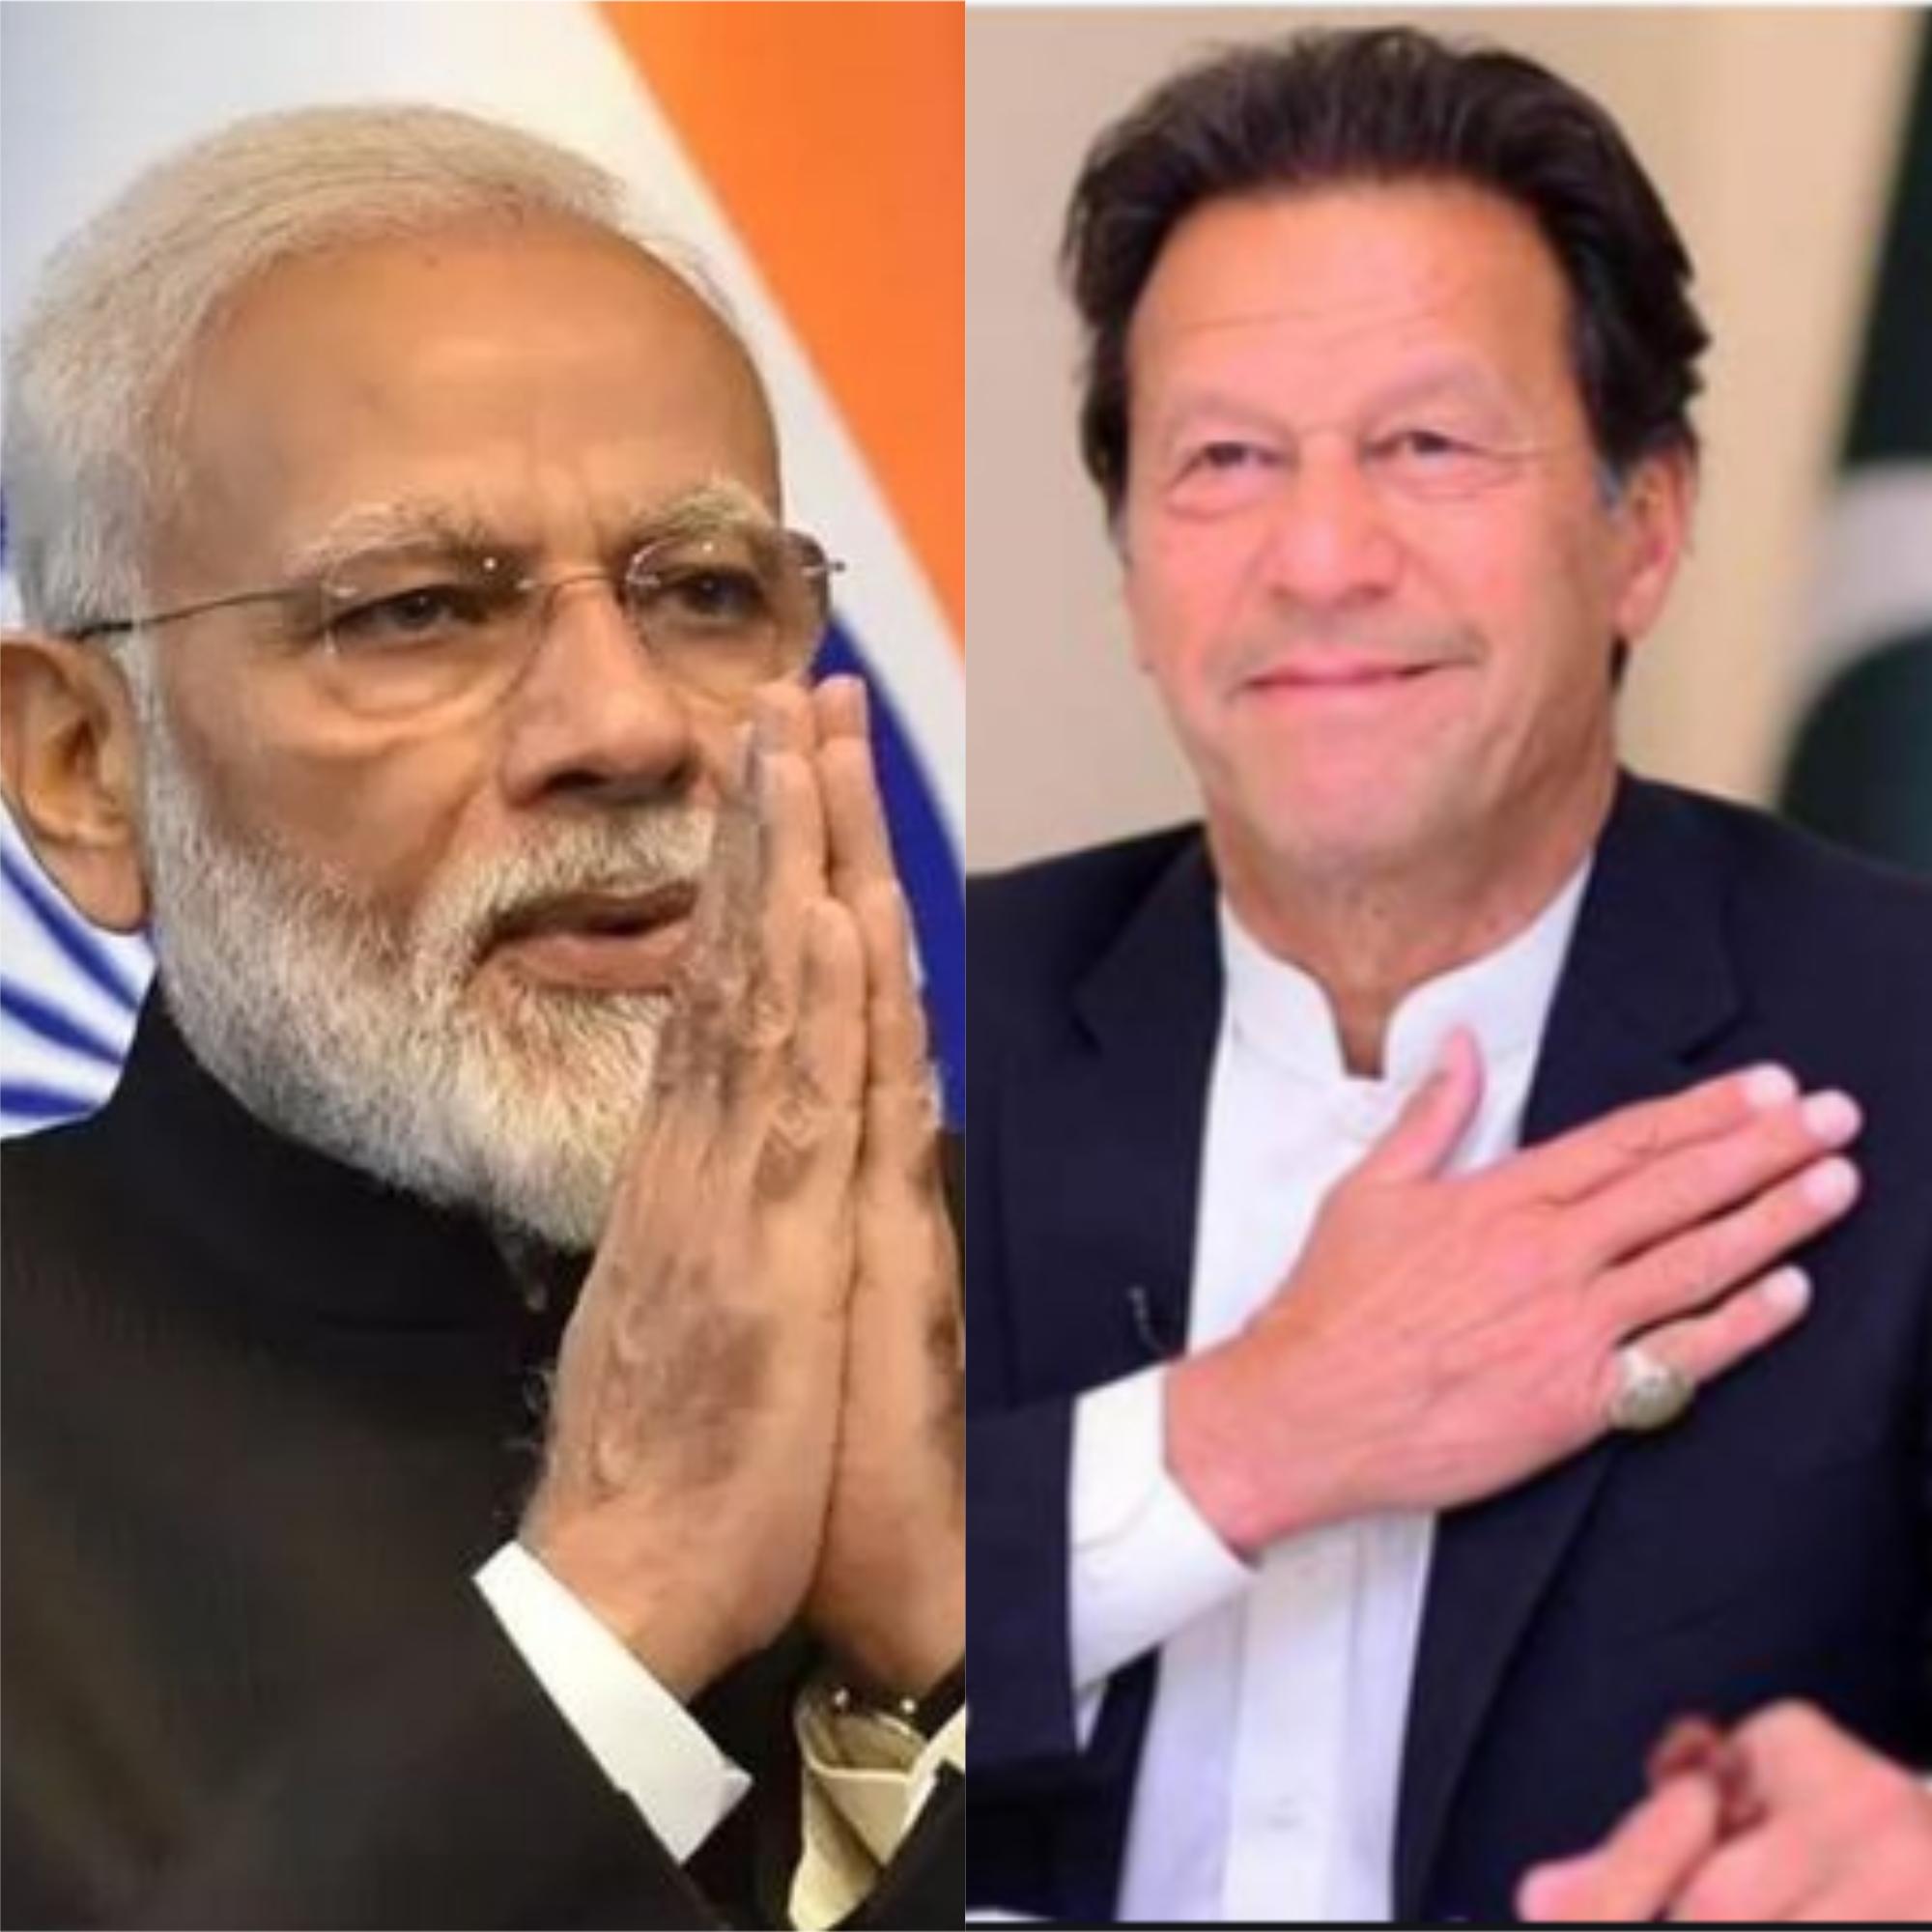 हम भारत से शांति चाहते हैं, युद्ध के बजाए गरीबी और शिक्षा पर बात हो, जम्मू-कश्मीर का फिर राग अलापा विदेश,International - Dainik Bhaskar